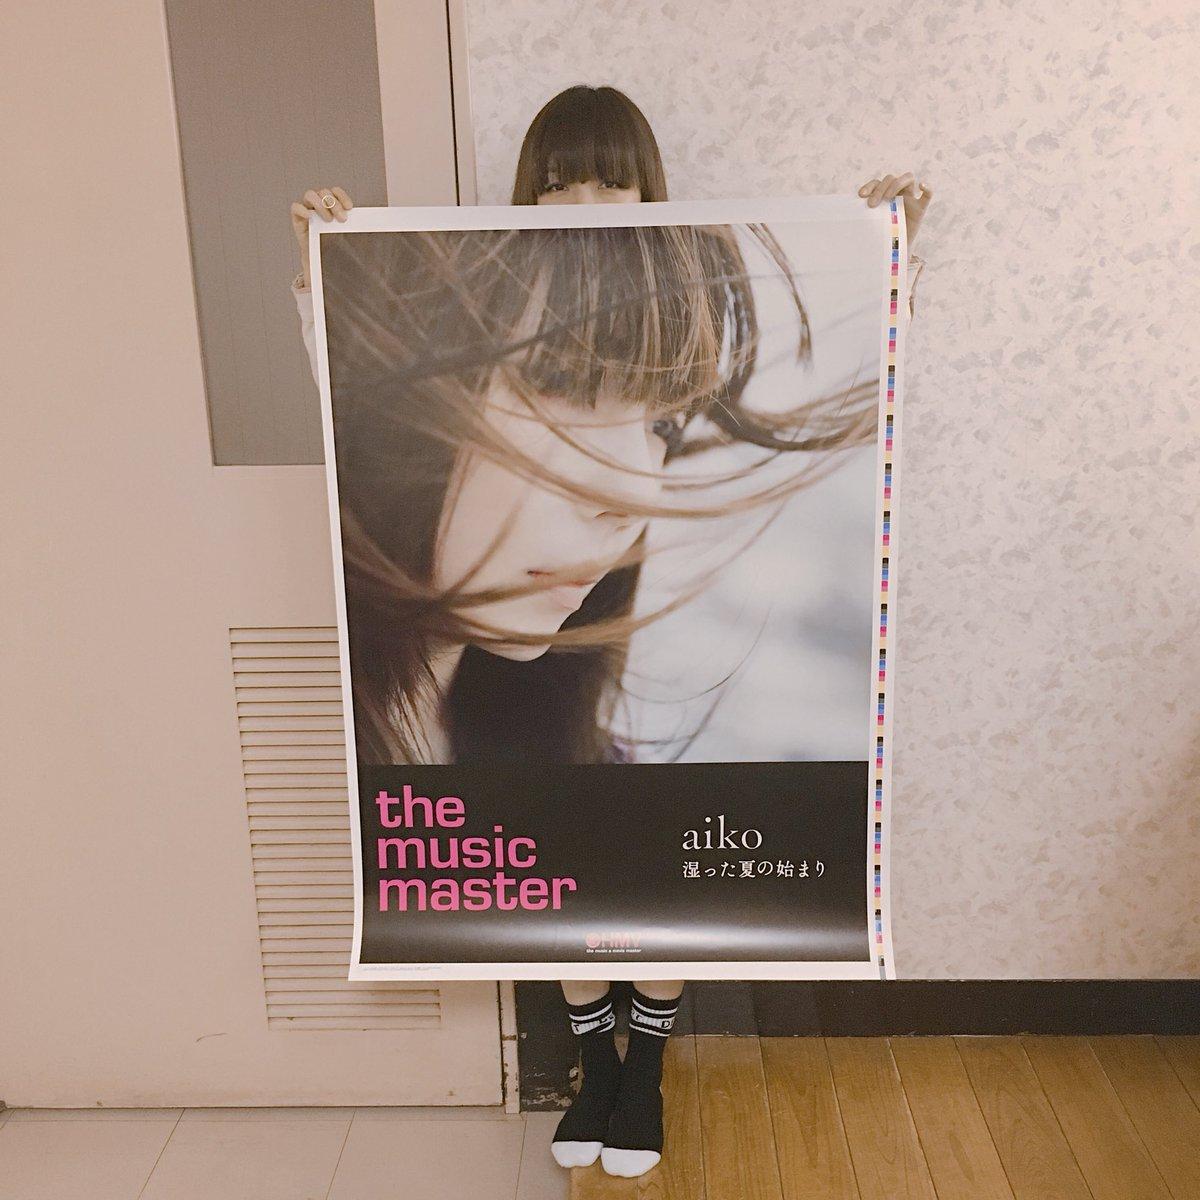 aikoCDポスター持つ画像